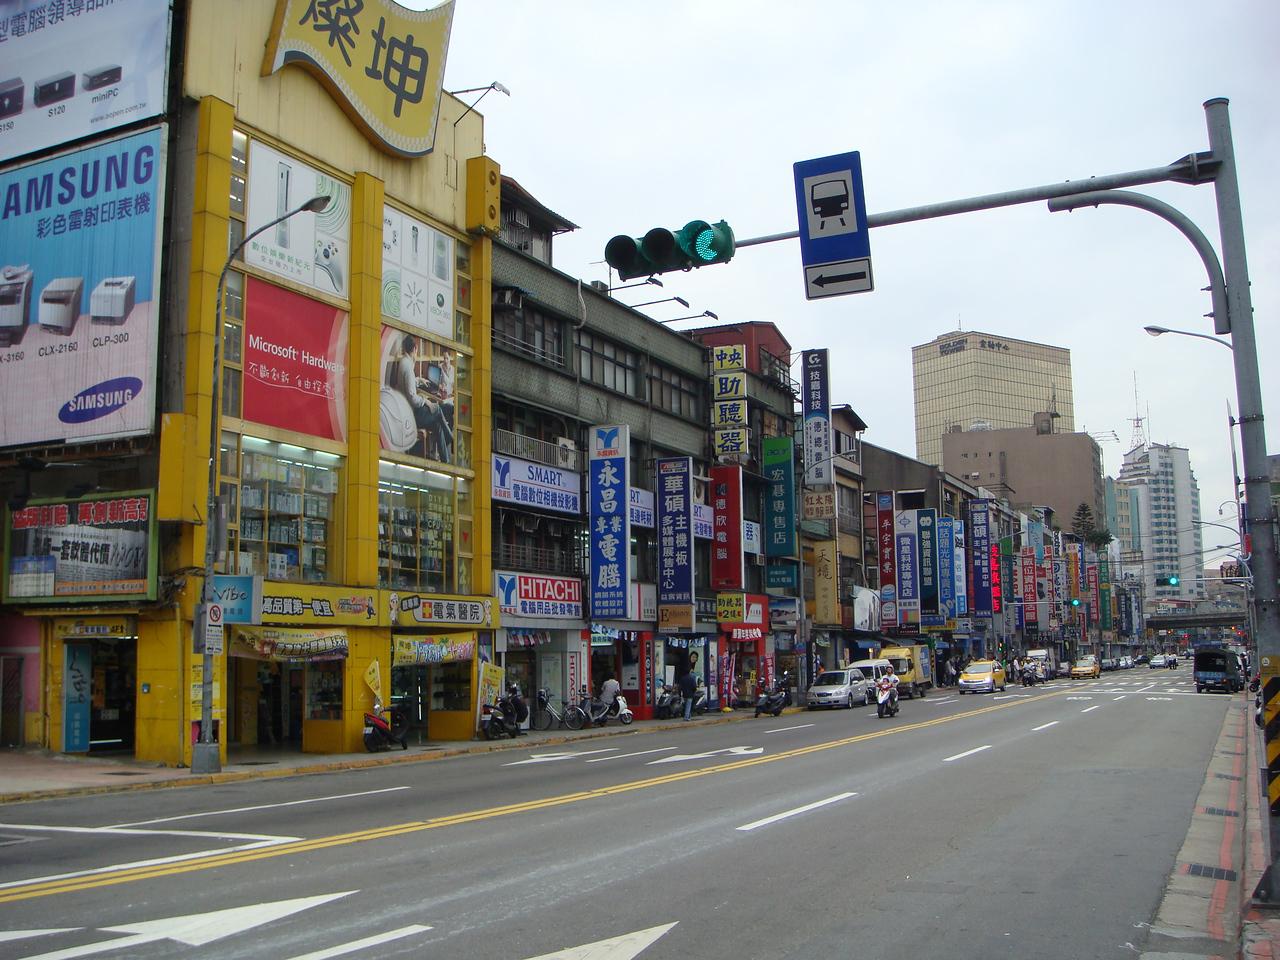 Guang Hua Electronics Market across the street- Taipei, Taiwan